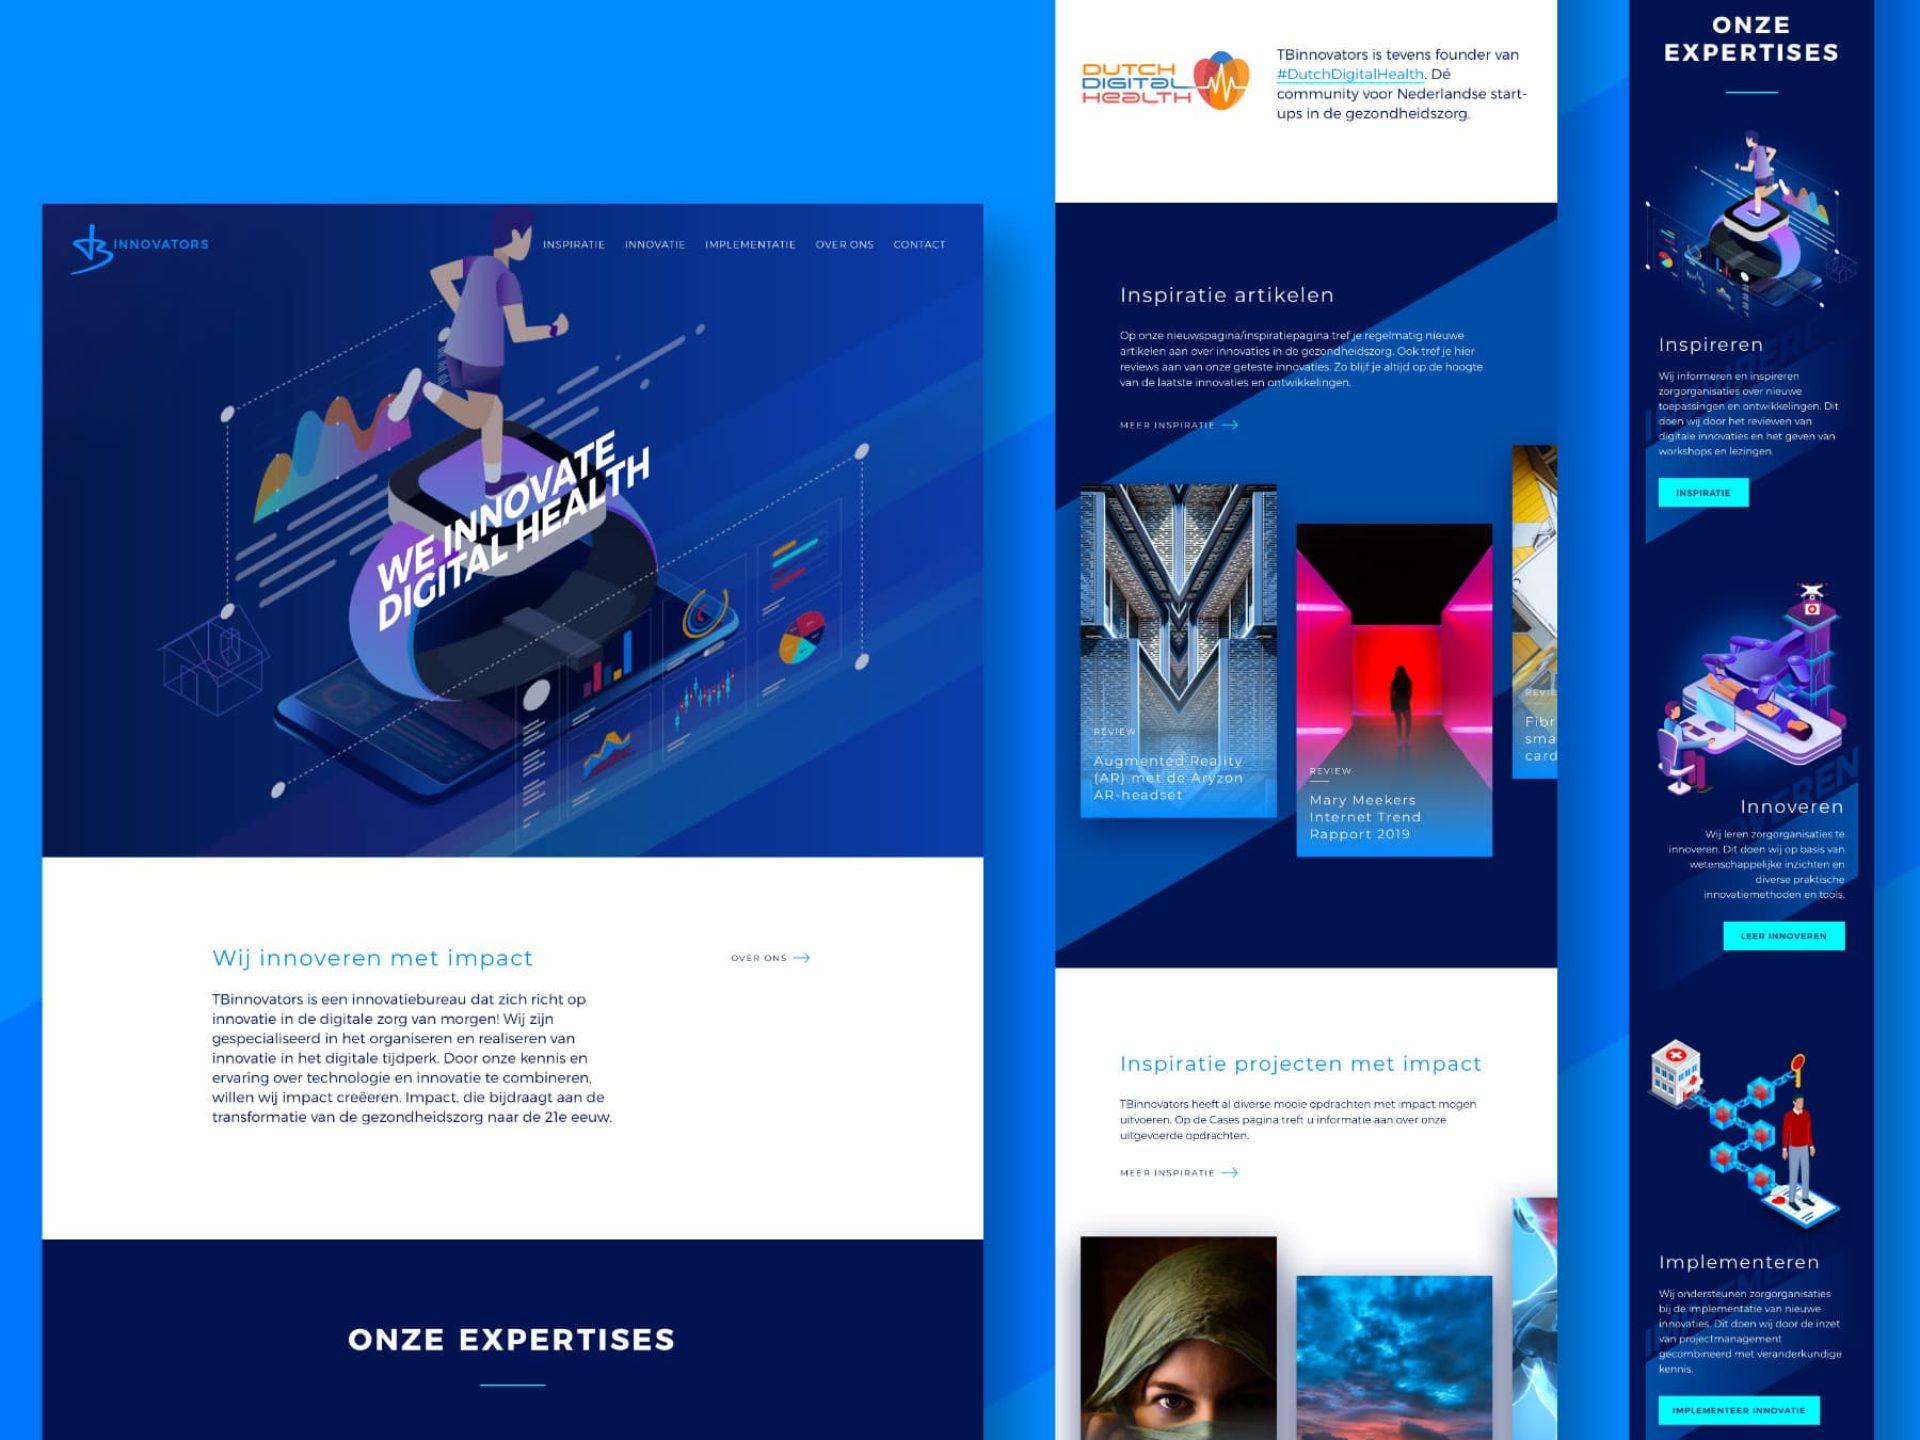 TBinnovators responsive design - Rene Verkaart)